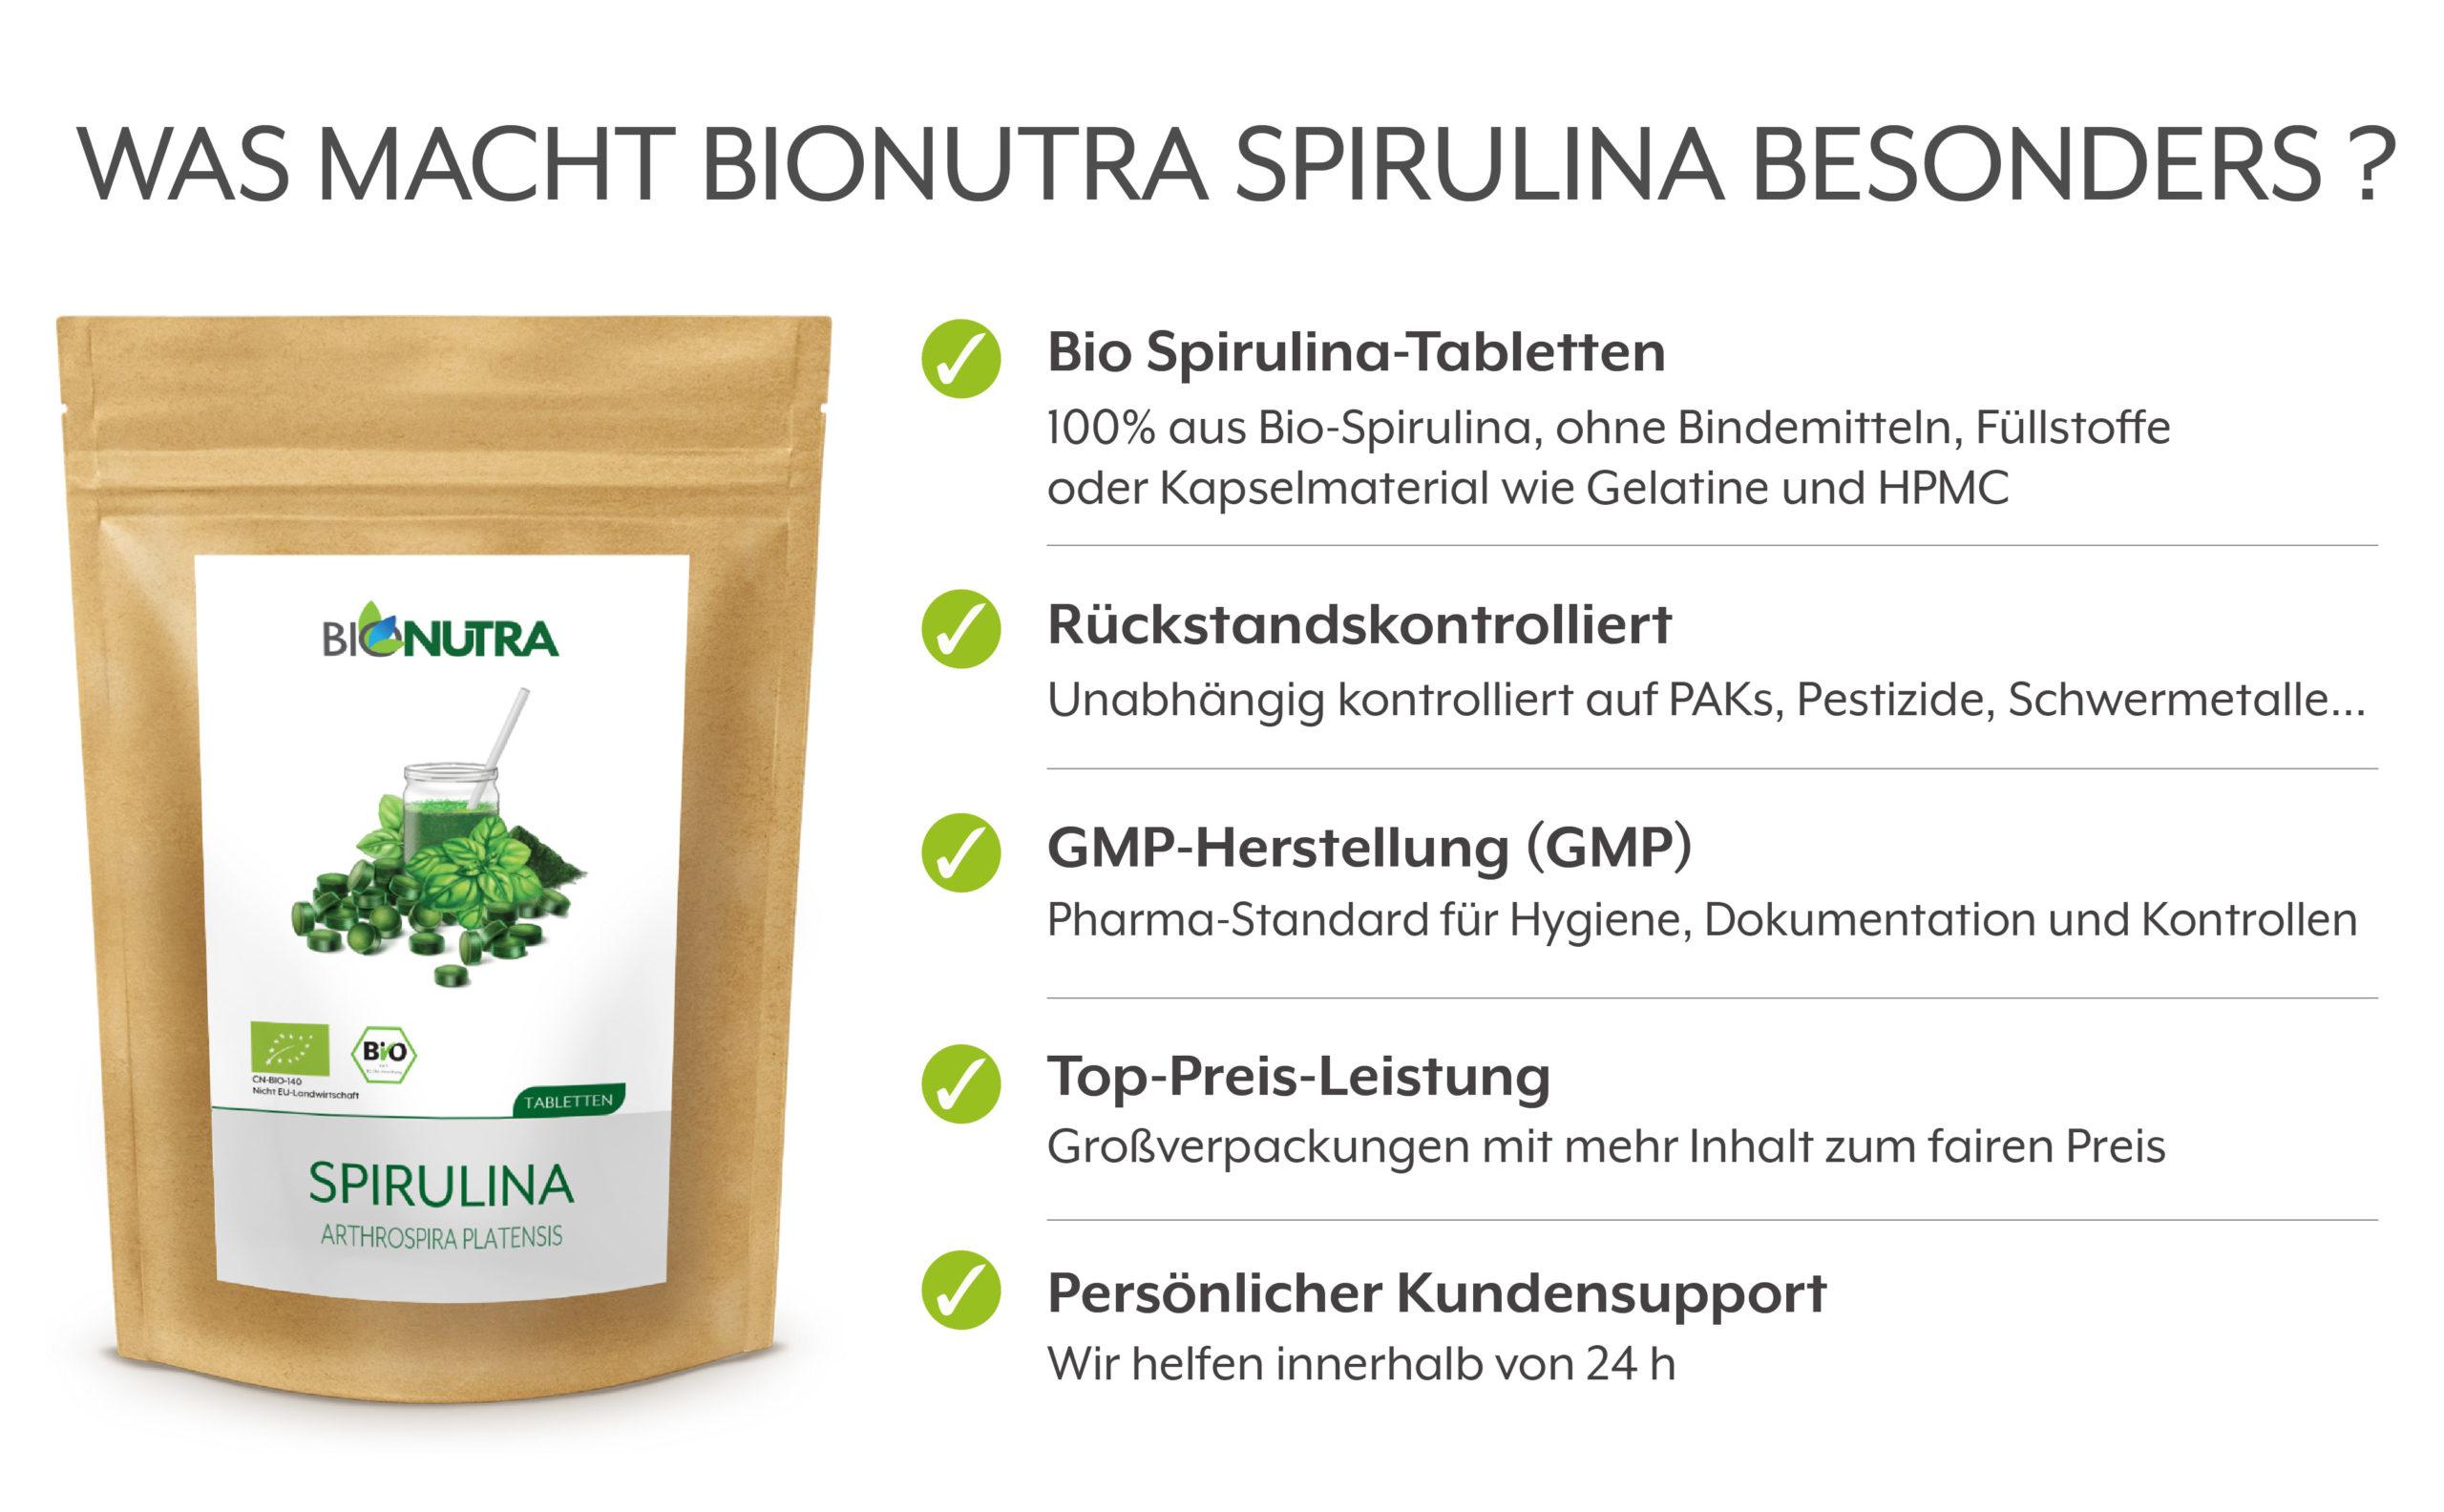 Bionutra A+ KF Spirulina Tablets-01